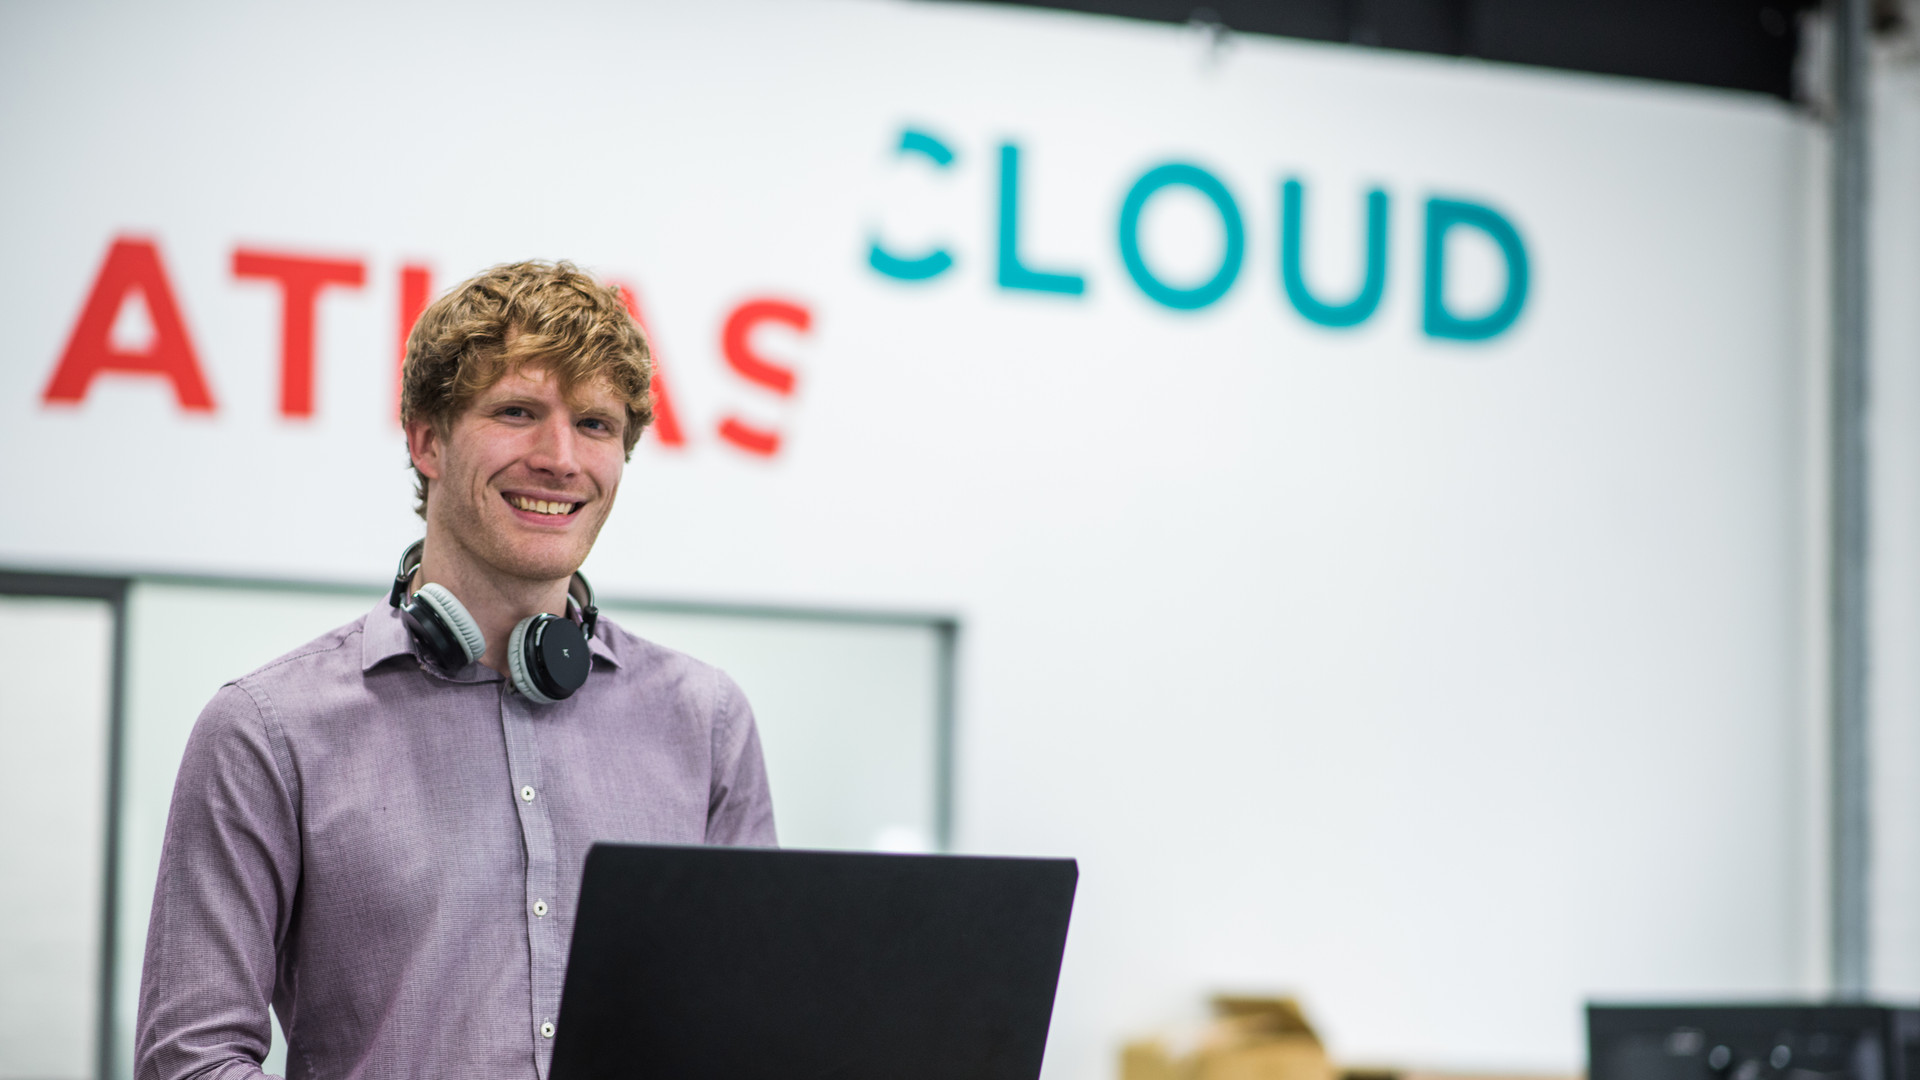 Atlas Cloud Offices